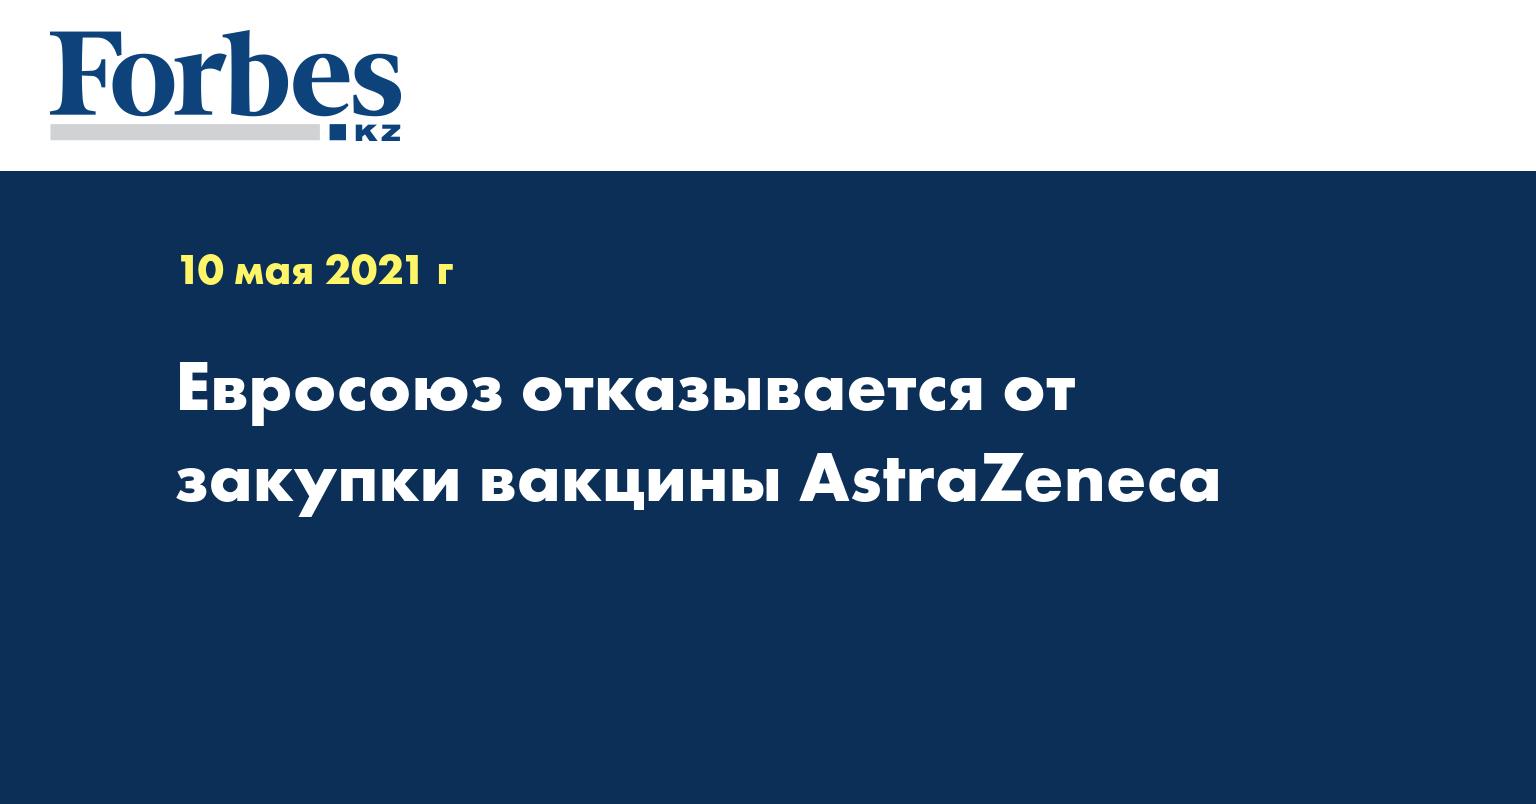 Евросоюз отказывается от закупки вакцины AstraZeneca